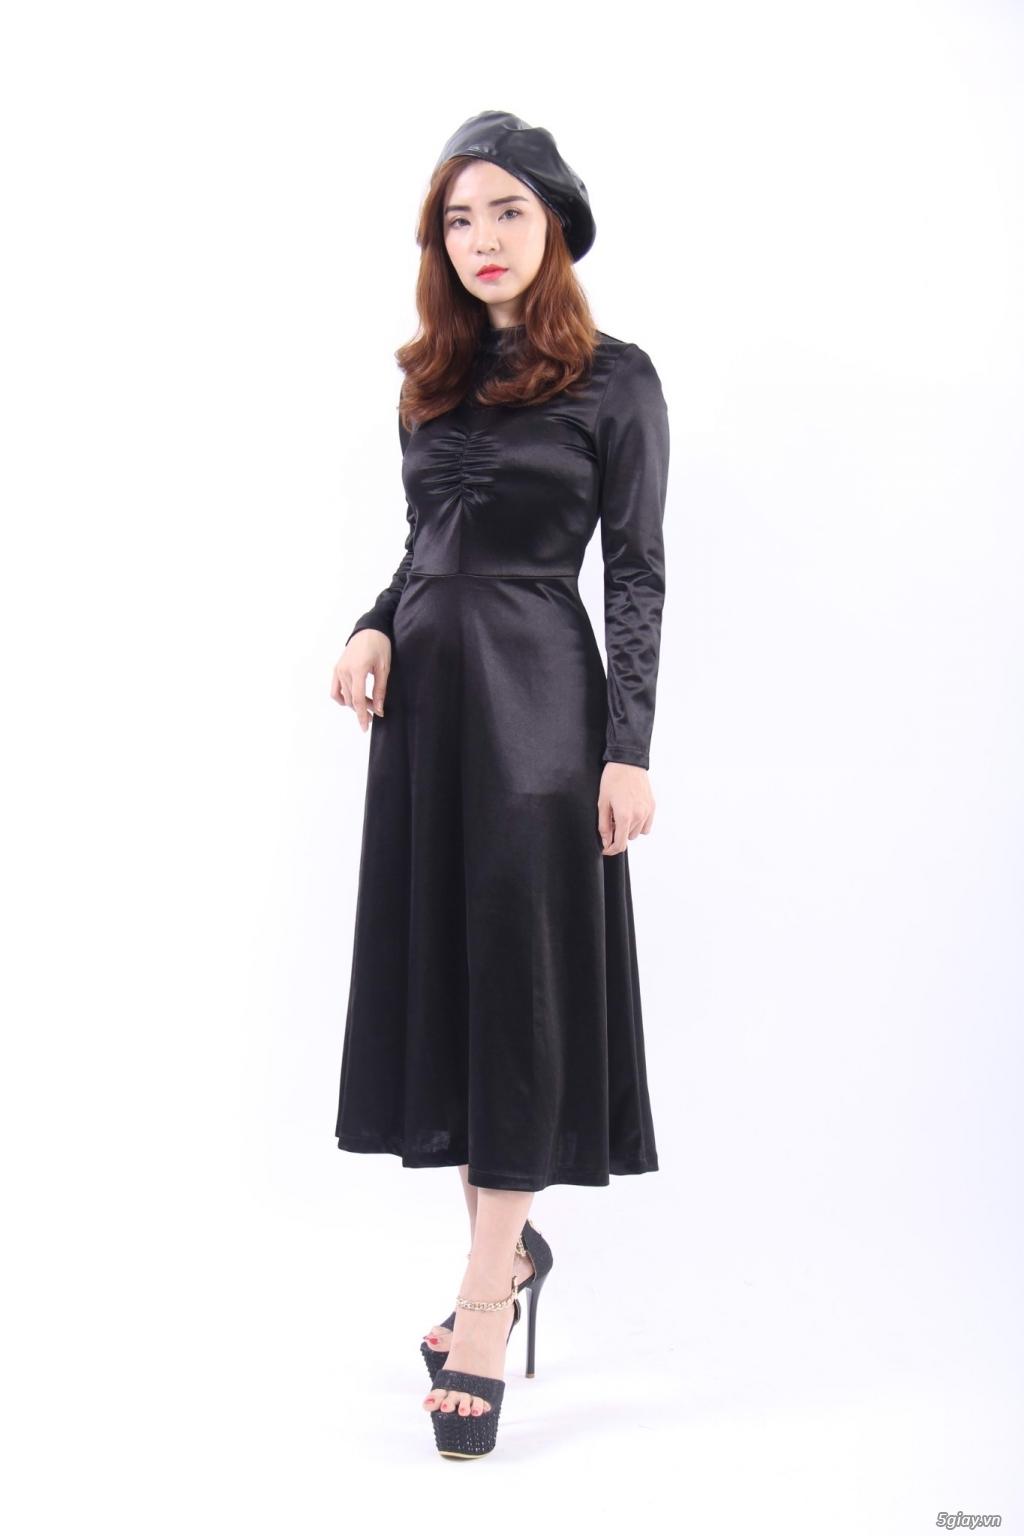 Wal House Fashion - Thương Hiệu Việt - Kiểu dáng đa dạng - 34